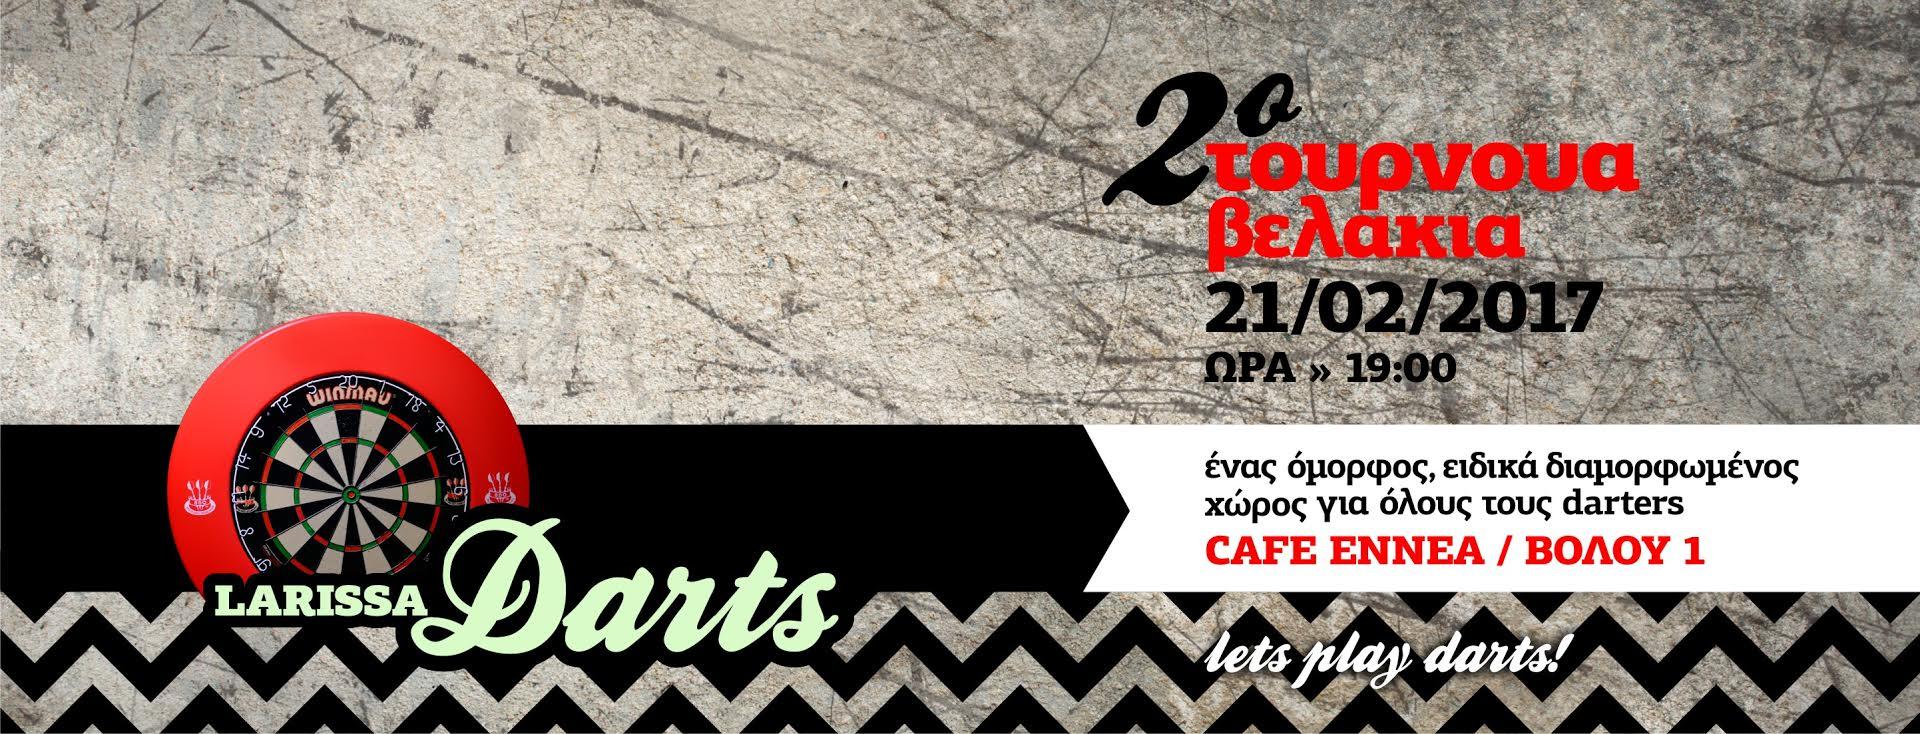 2ο Τουρνουά Darts στη Λάρισα! Το 2ο Τουρνουά Darts είναι γεγονός. ΤΡΙΤΗ 21/02/17 στο Café «Εννέα» στην οδό Βόλου 1